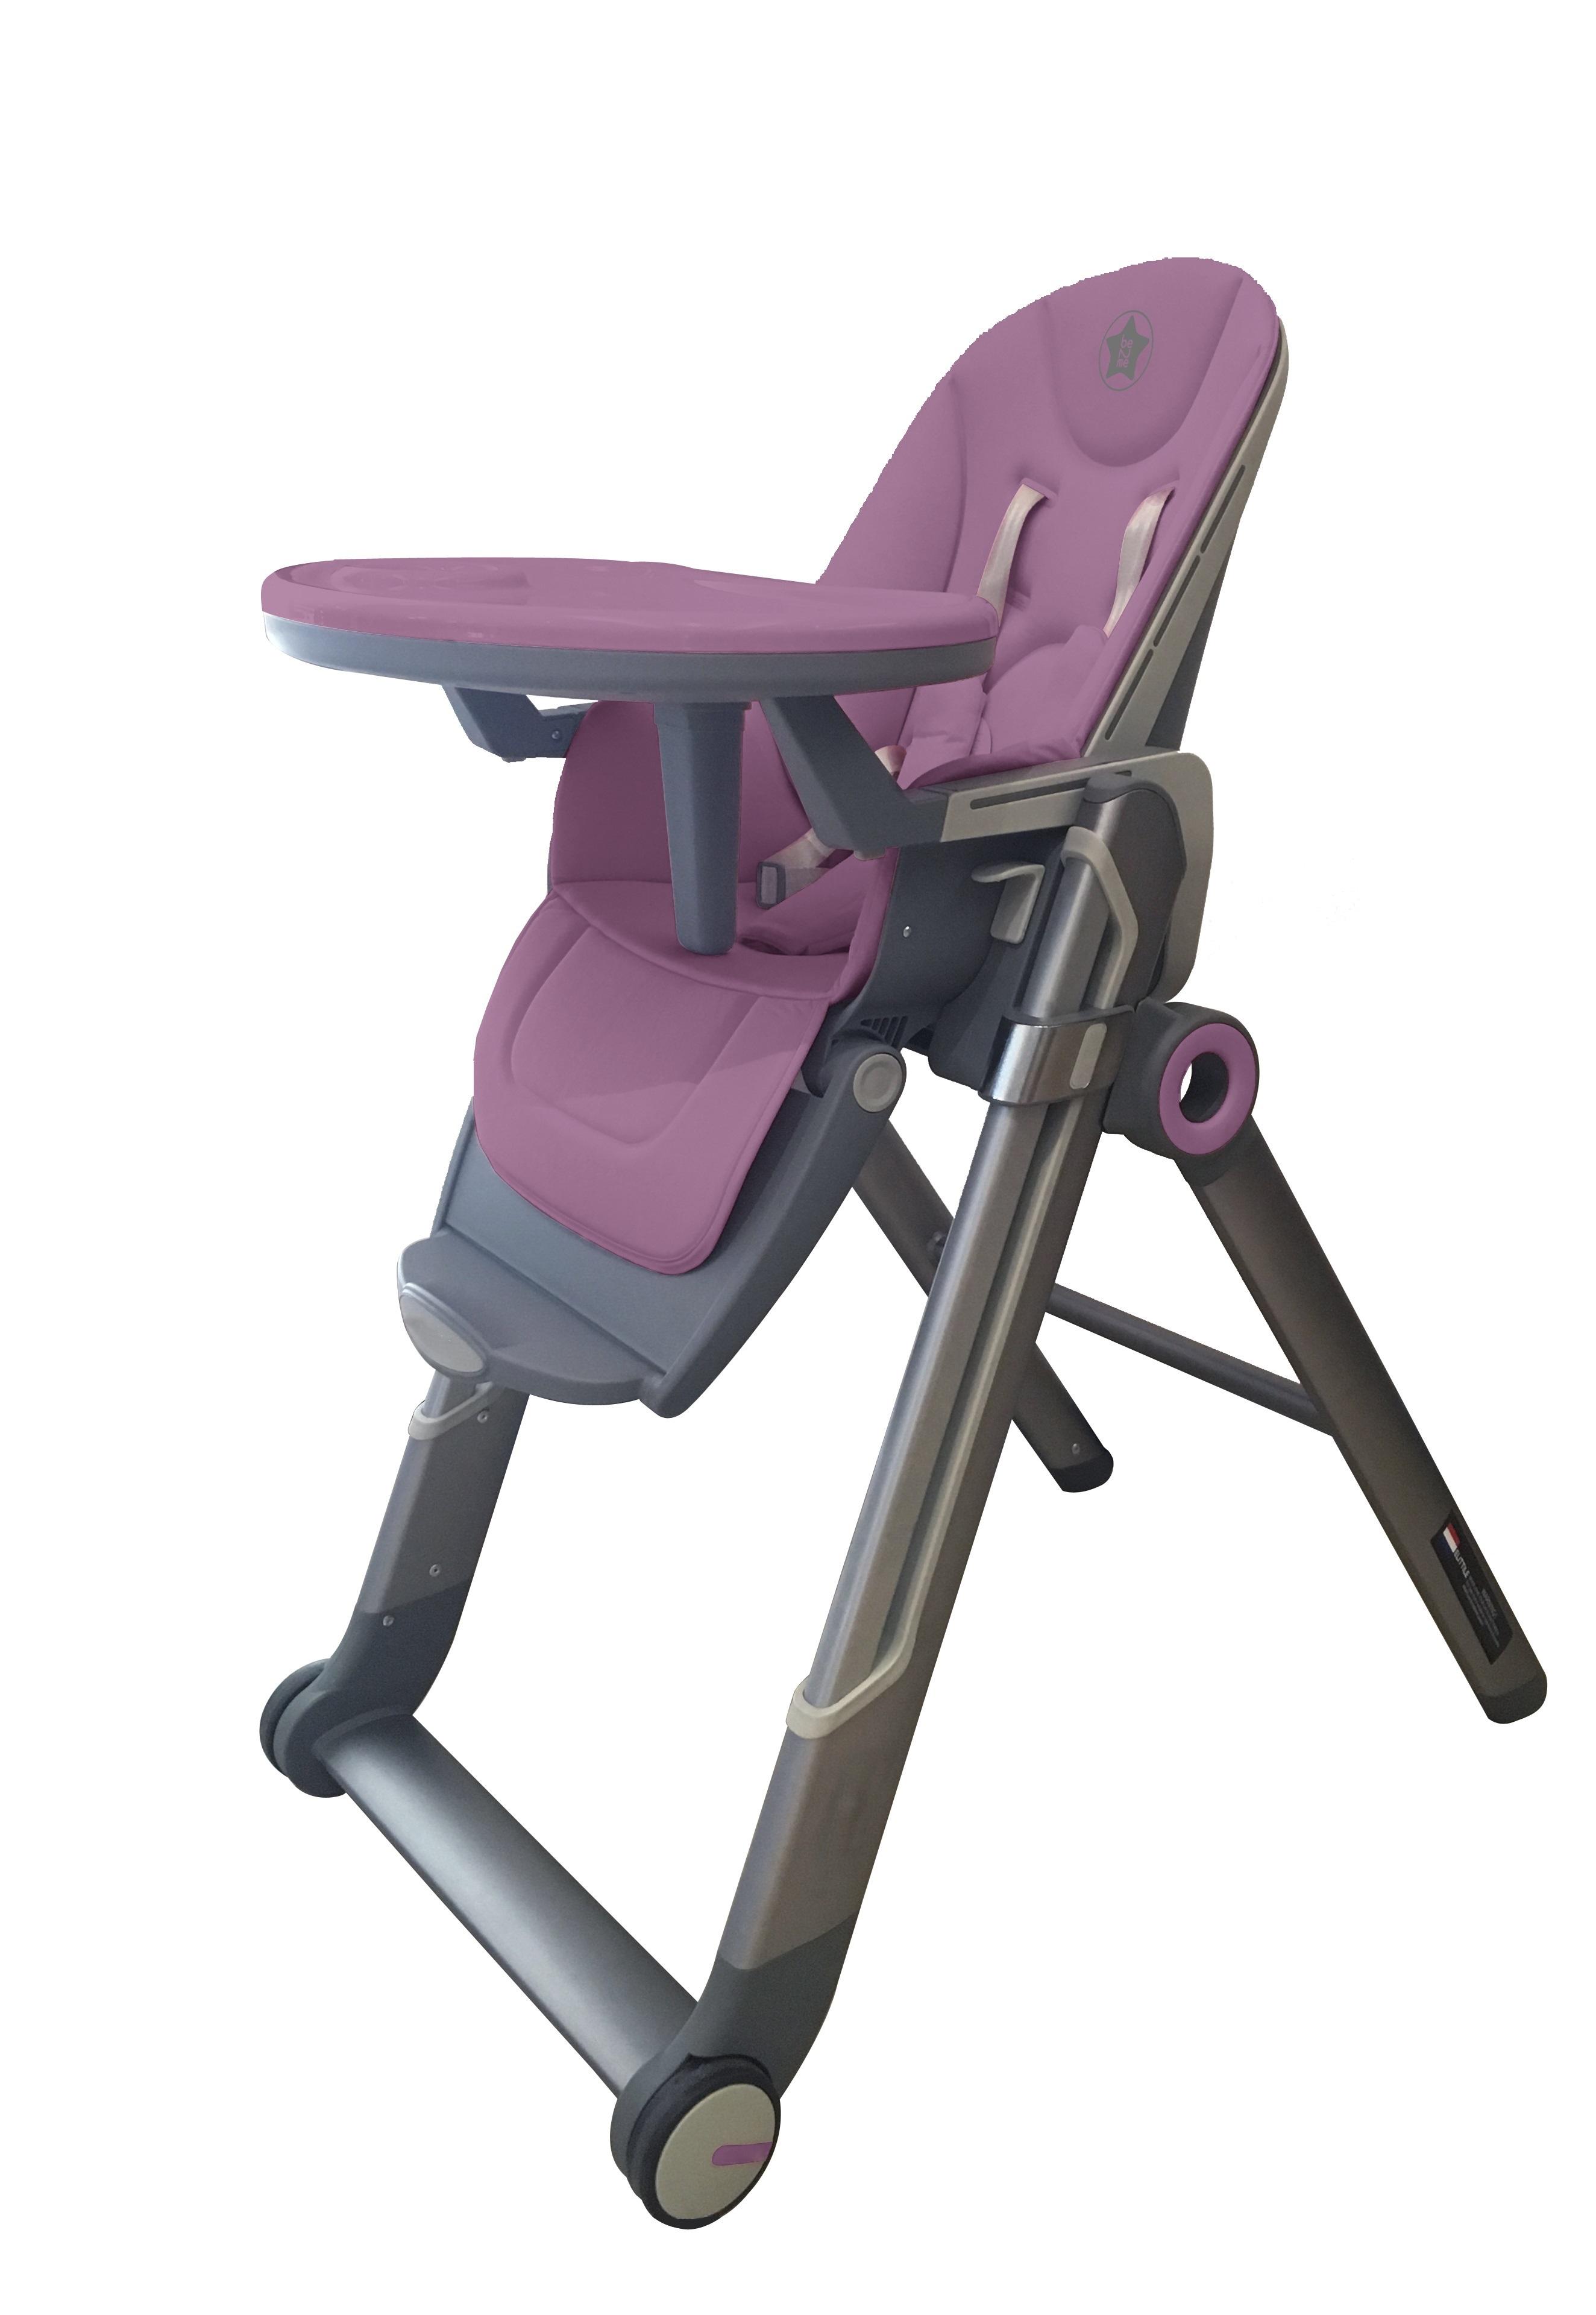 стульчики для кормления Стульчики для кормления малышей Be2Me C809